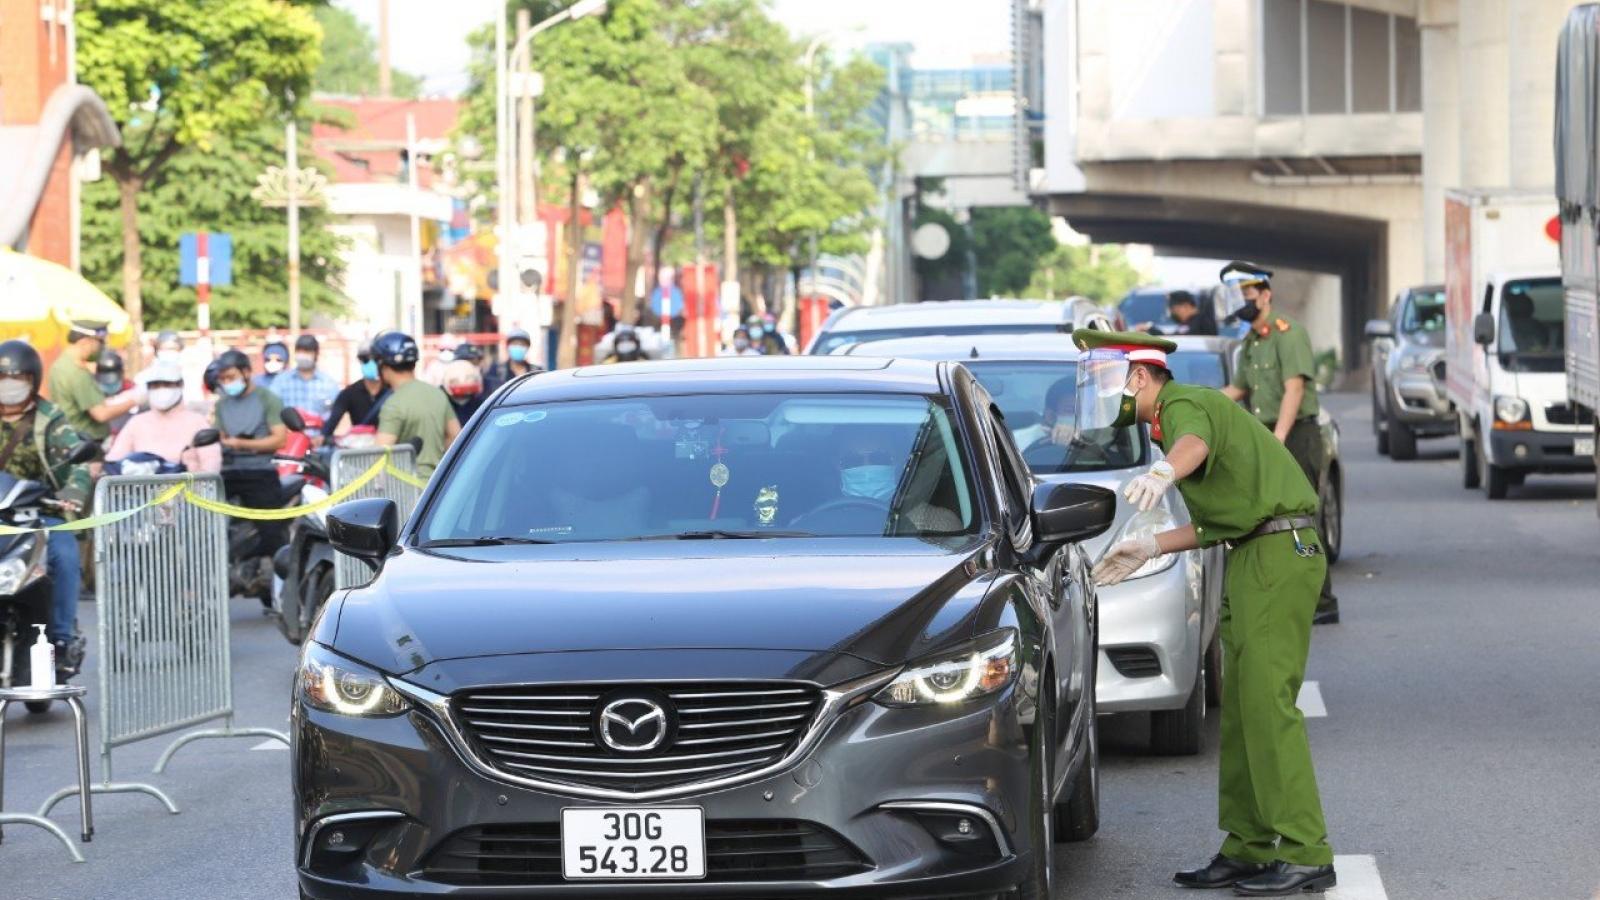 Hà Nội xử phạt 65 trường hợp vi phạm công tác phòng, chống dịch